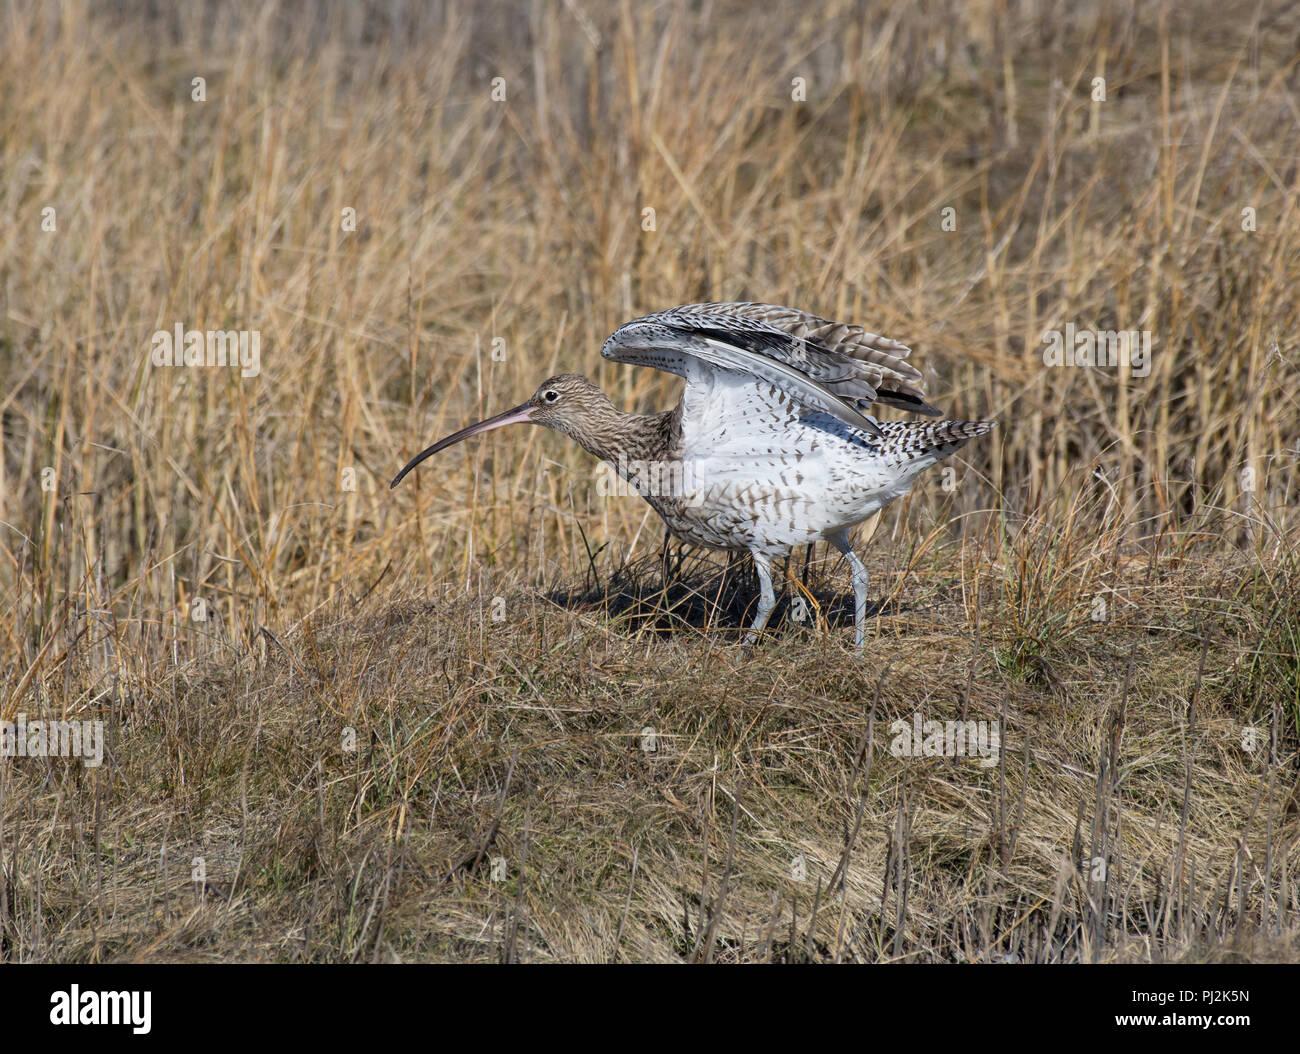 Curlew, Numenius arquata, stretching in salt marsh, Morecambe Bay, Lancashire, UK Stock Photo